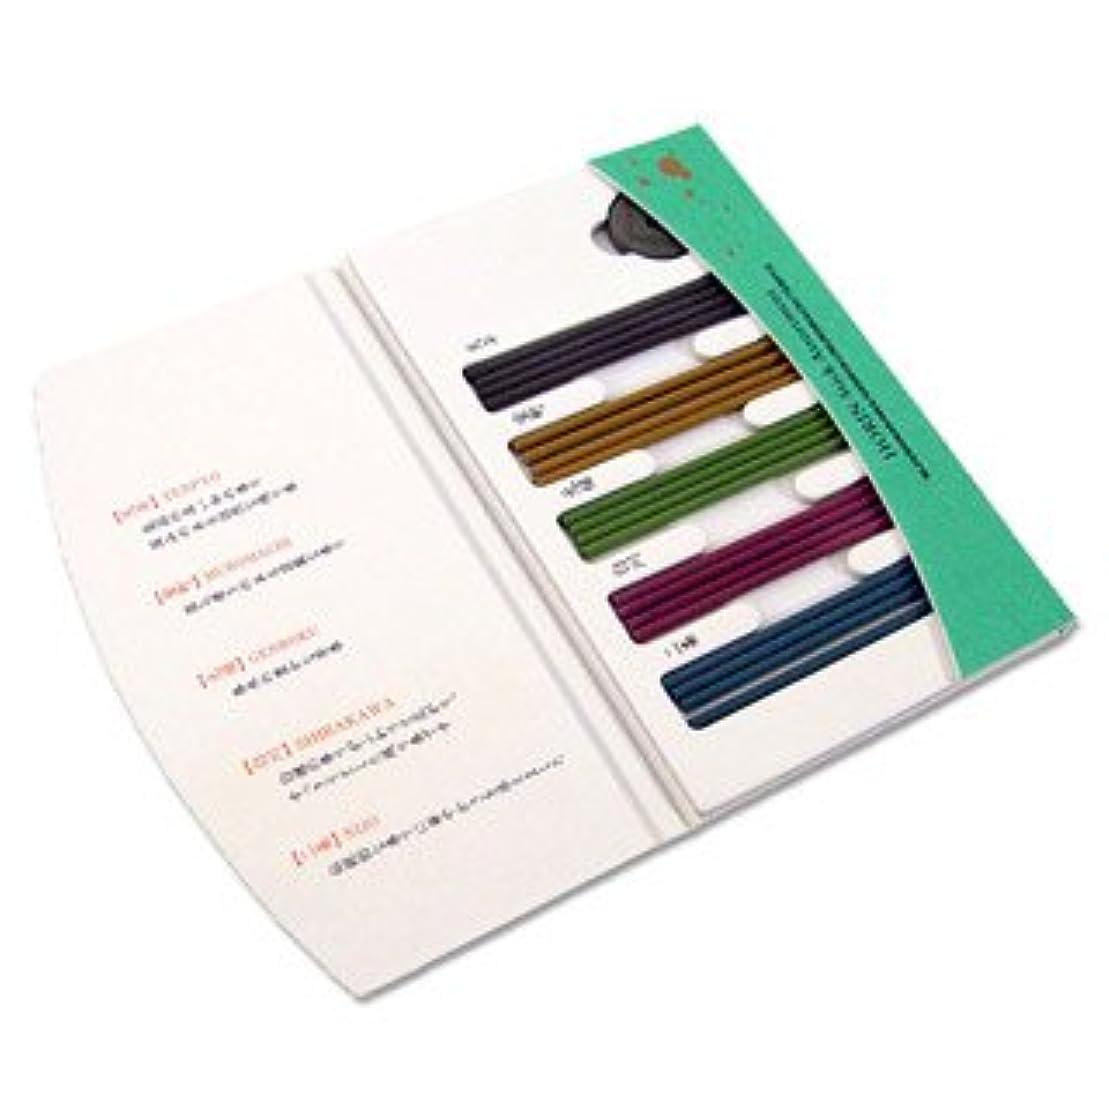 概要ウェイター流用するShoyeido's Horin Incense Assortment - 20 Sticks, New.